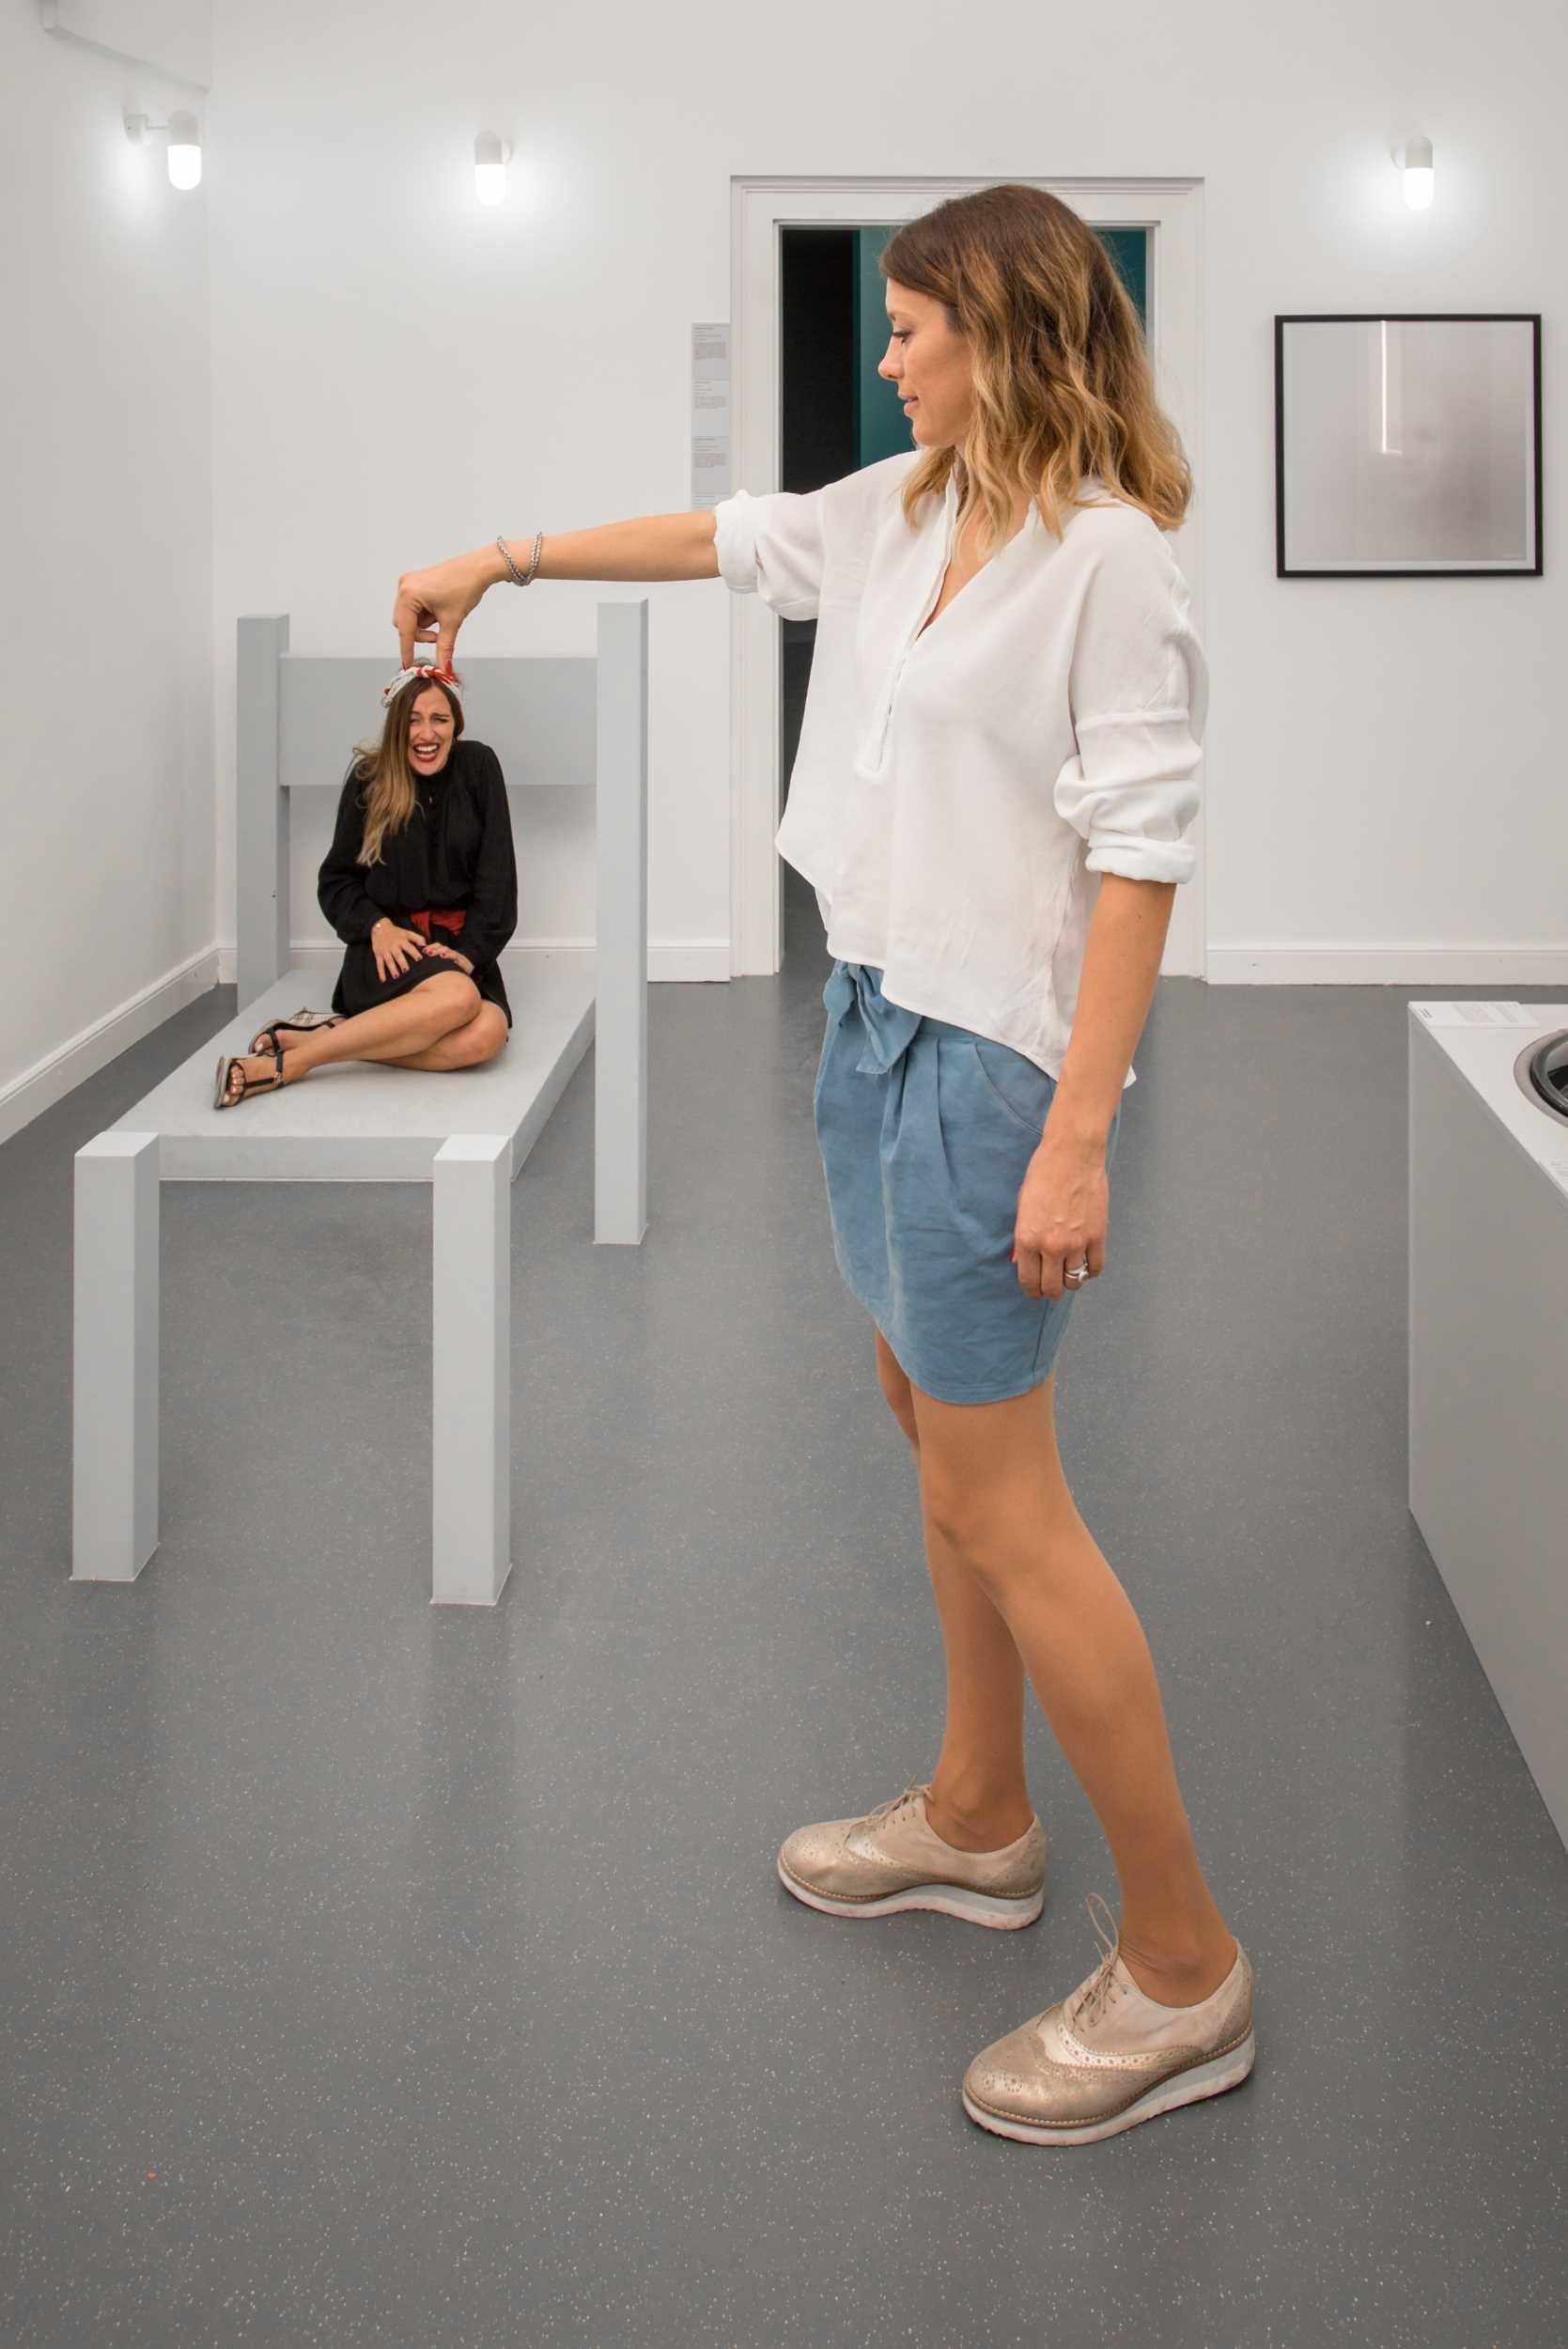 Optikai illúziók múzeuma